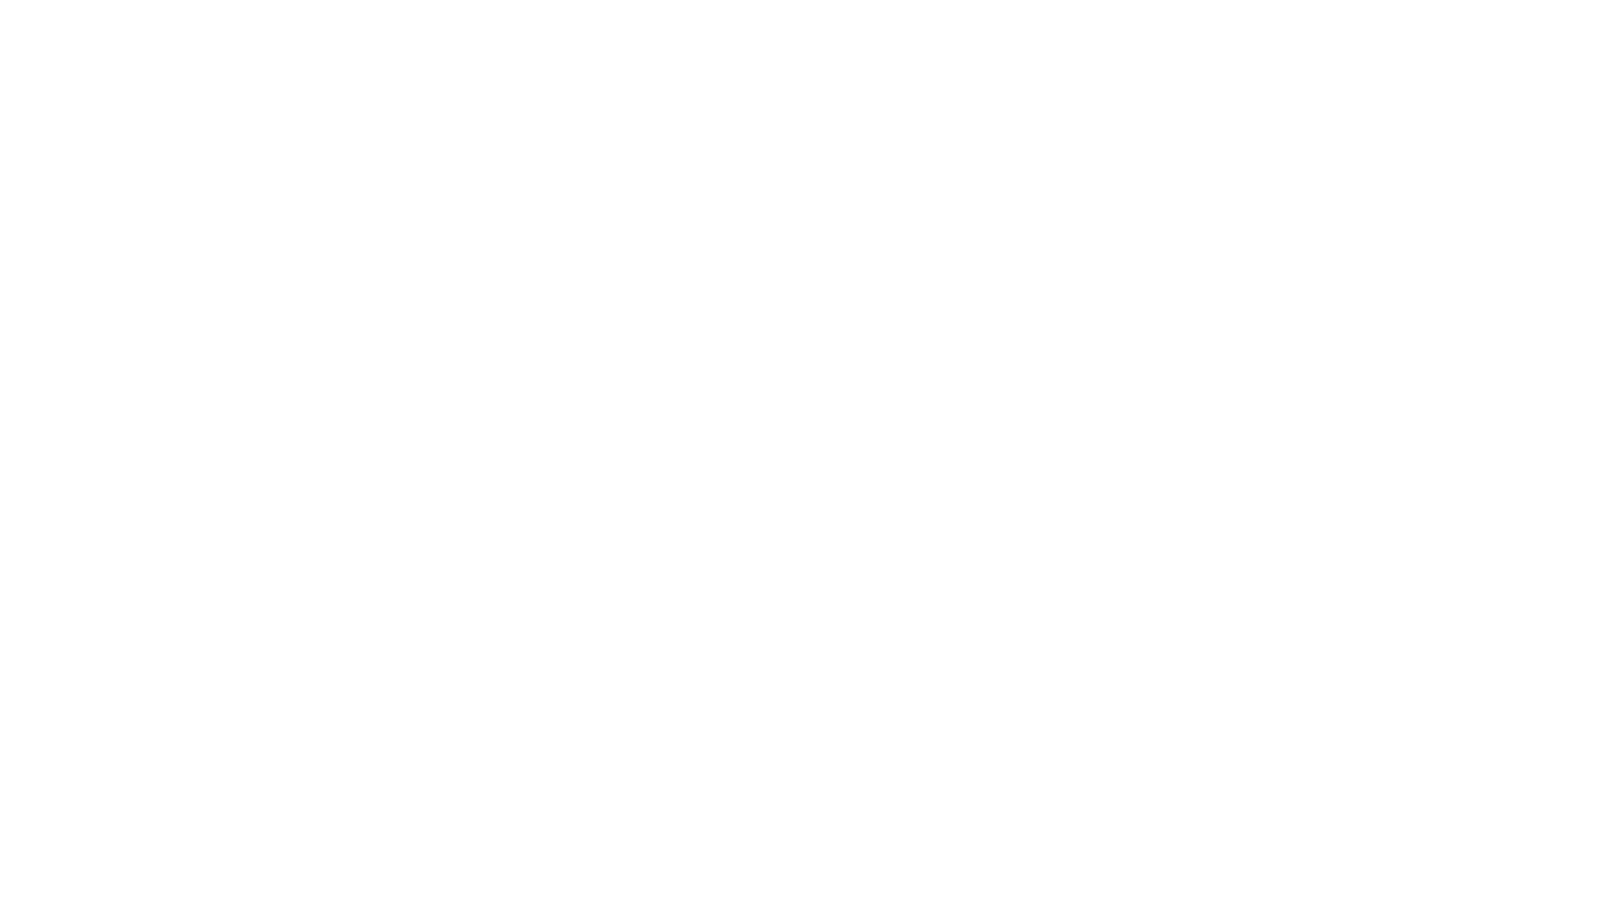 Découvrez les projets d'excellence innovants franco-chinois récompensés par les Prix de l'Innovation des Equipes franco-chinoises du Comité France Chine en 2018 !  Retour sur les temps forts de la Cérémonie de remise des Prix, le 4 décembre 2018 dans le cadre de la Soirée Pourpre.